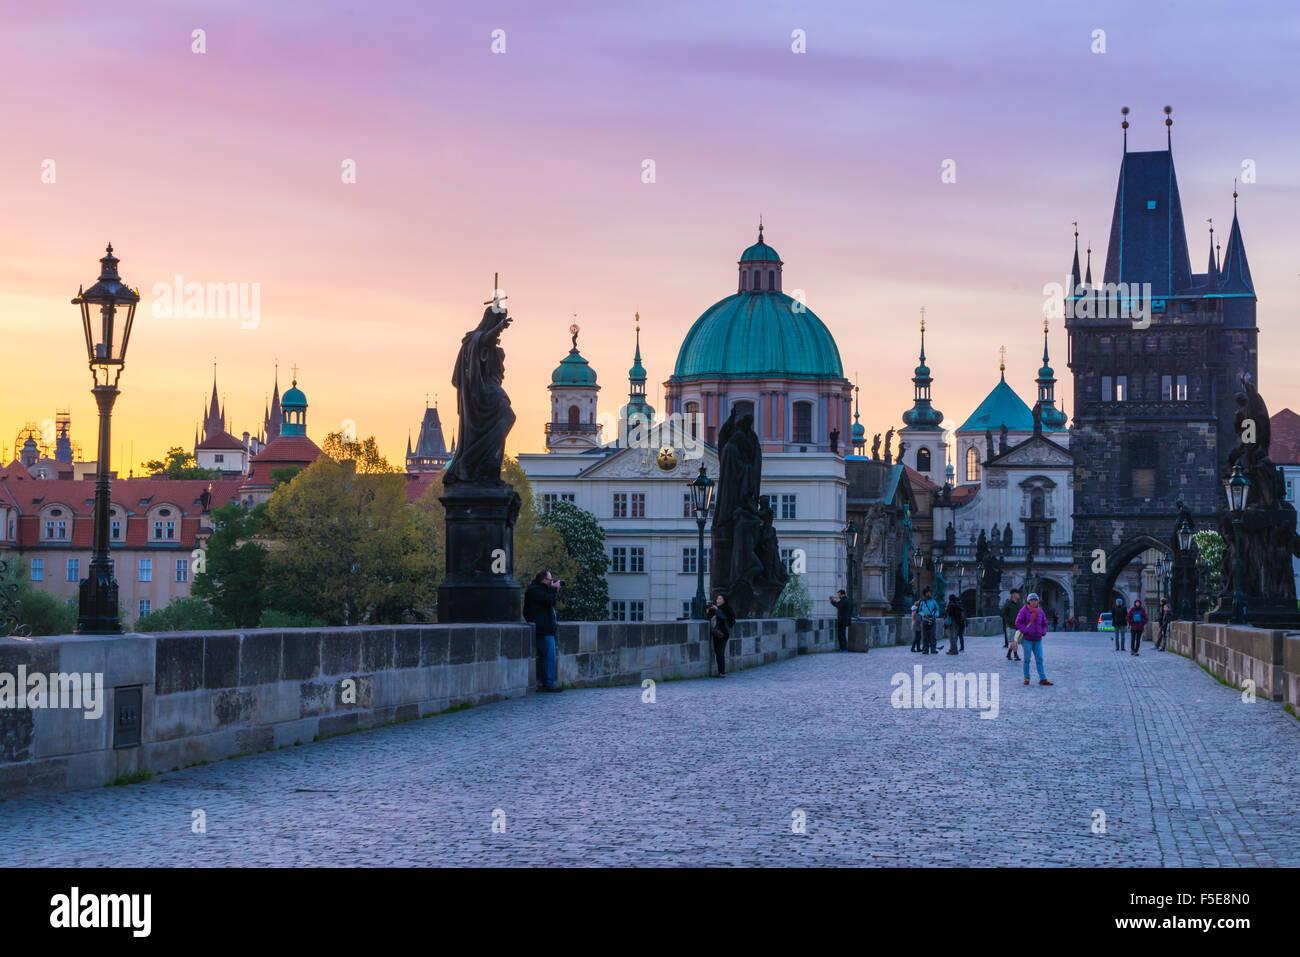 Sonnenaufgang auf der Karlsbrücke, UNESCO-Weltkulturerbe, Prag, Tschechische Republik, Europa Stockfoto